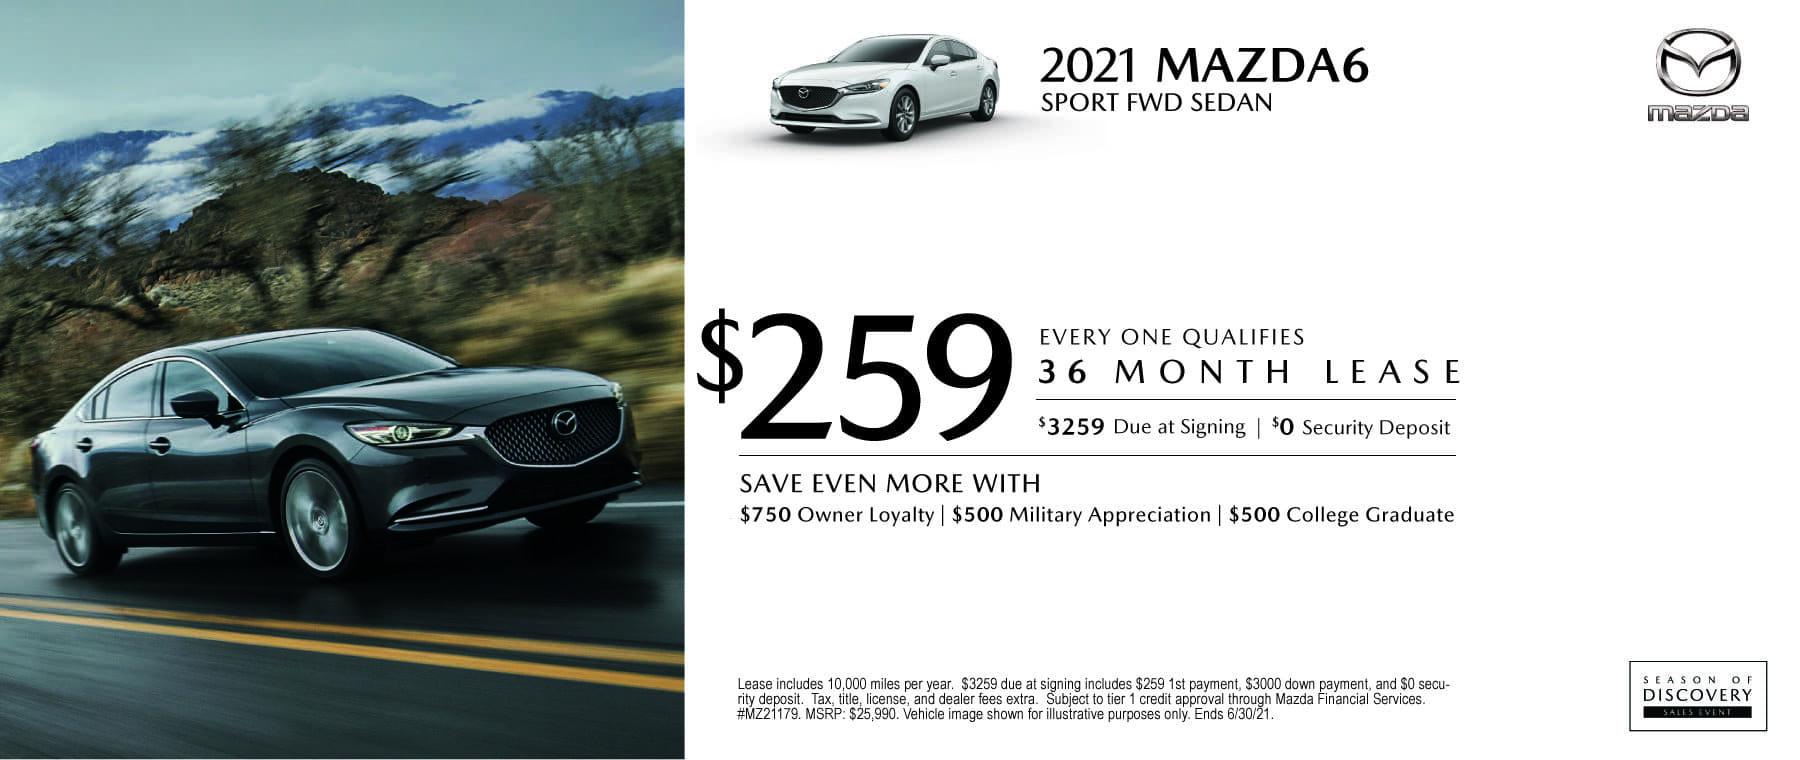 June-2021-Mazda-CS-Slides_Mazda6-2